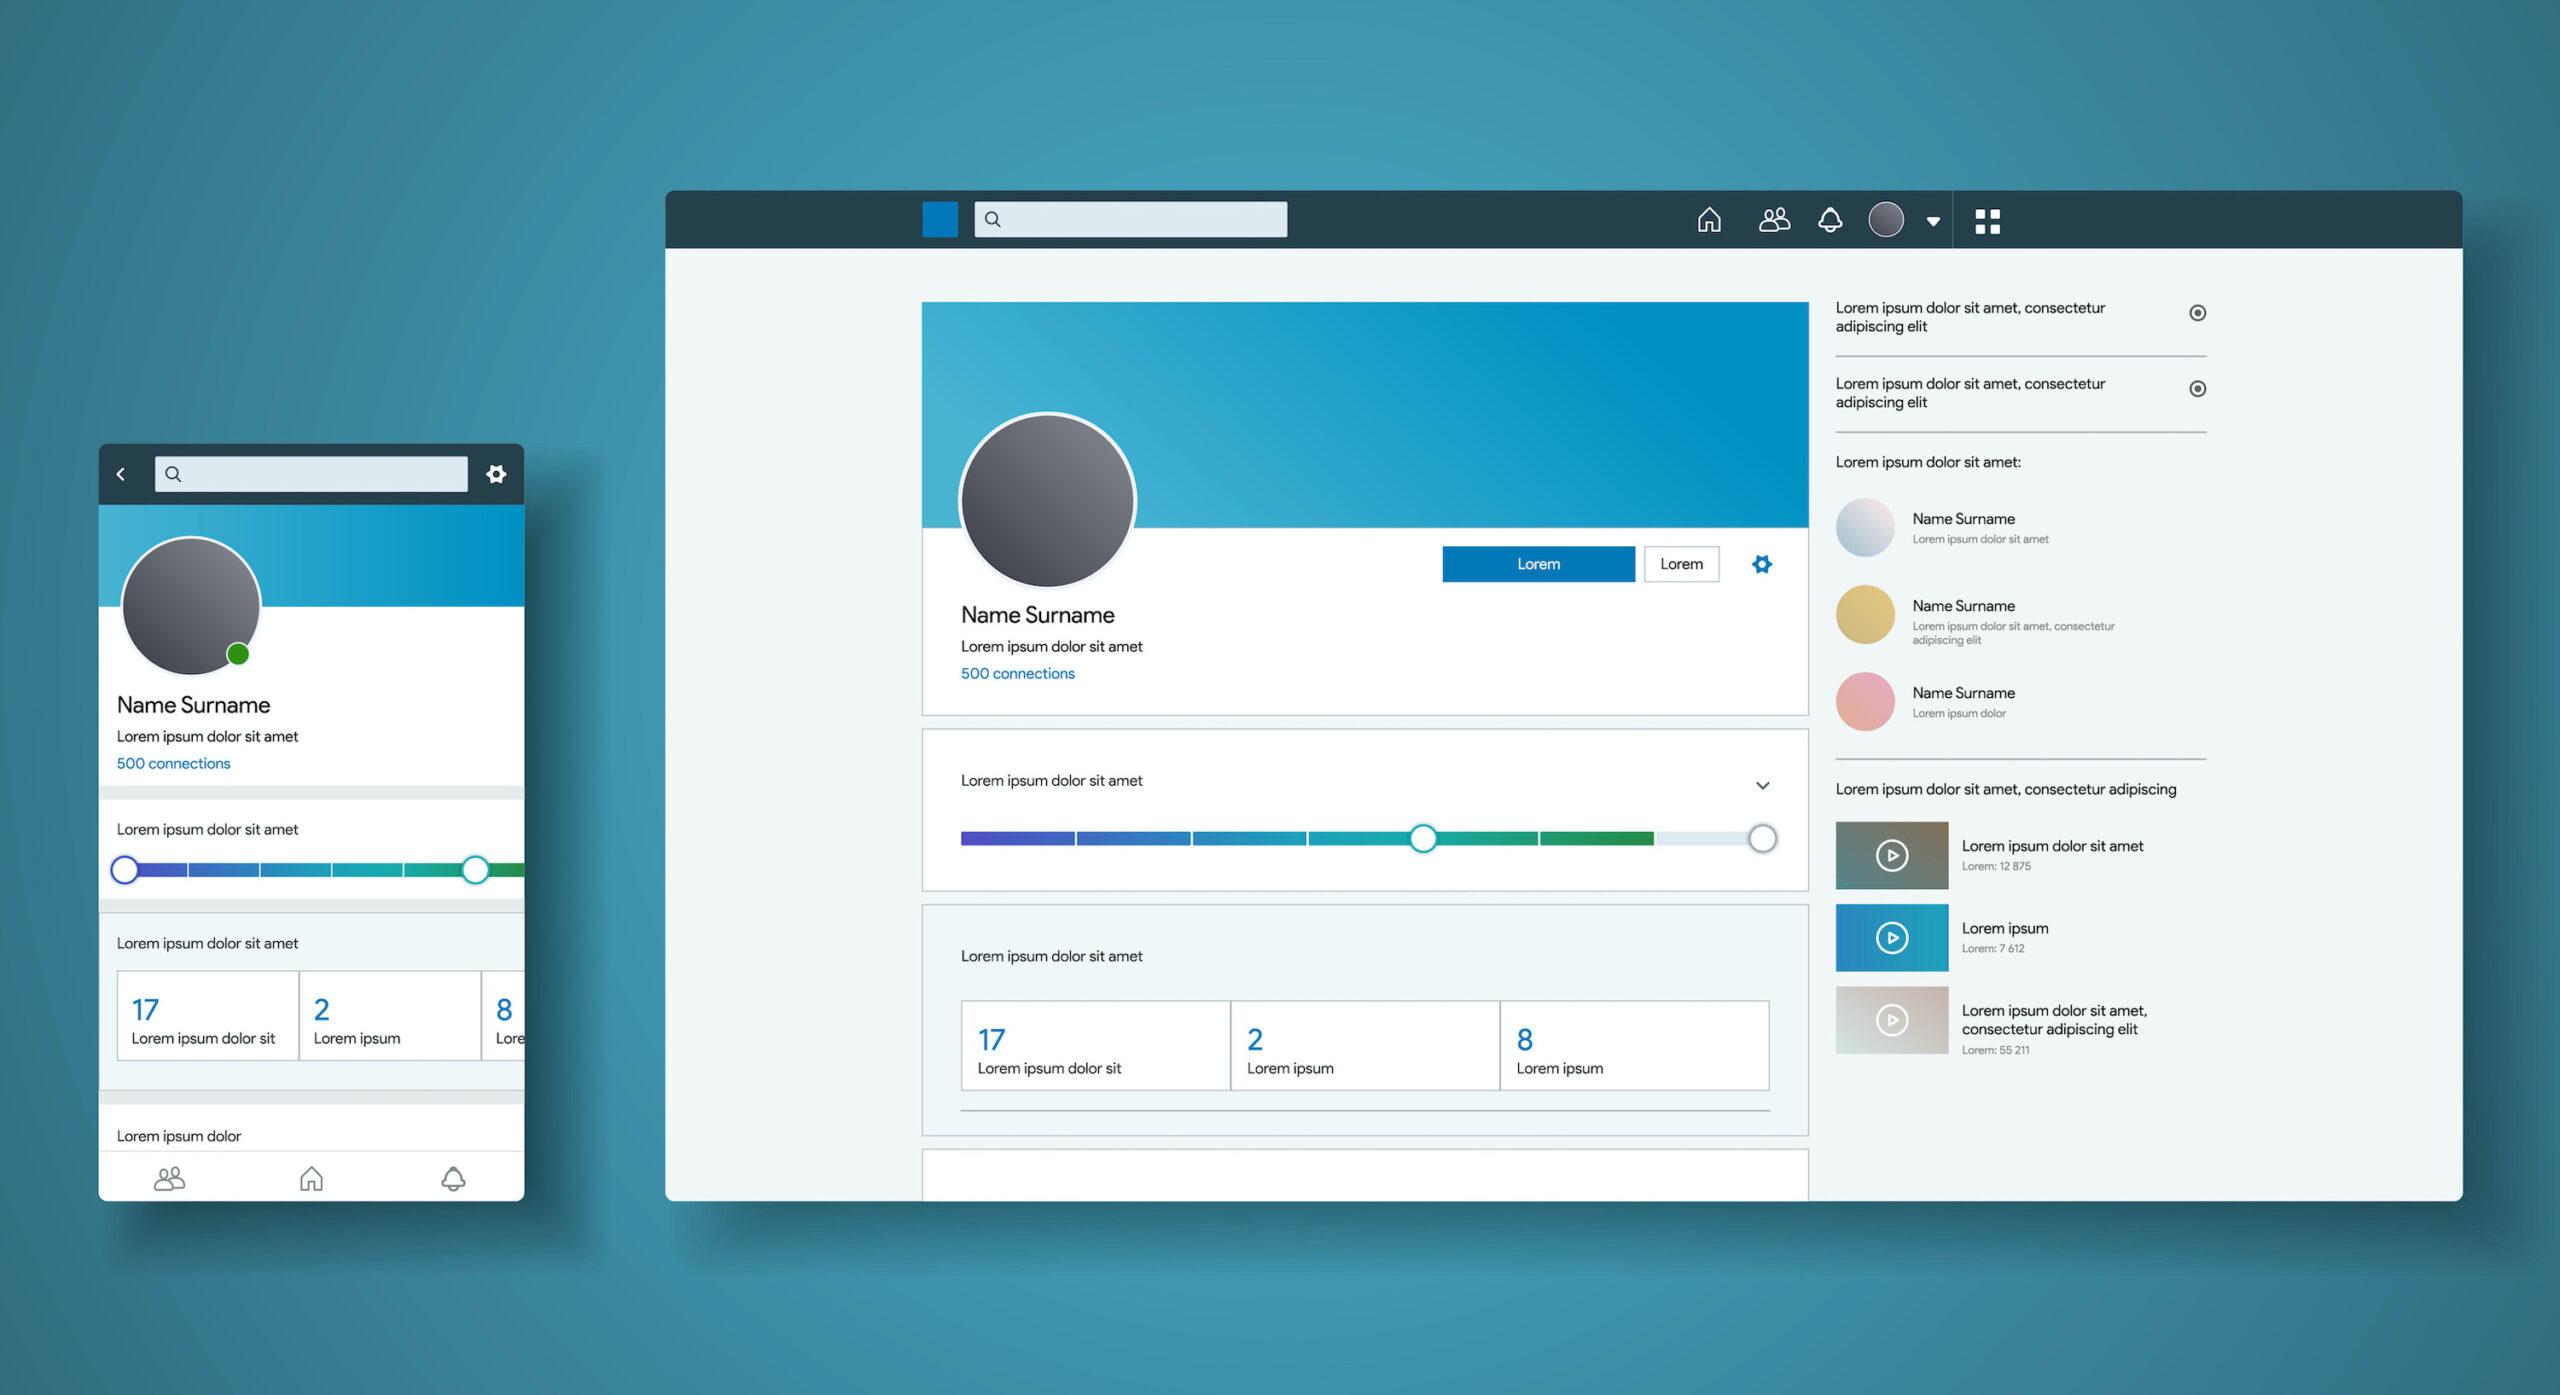 Leere LinkedIn Unternehmensseite